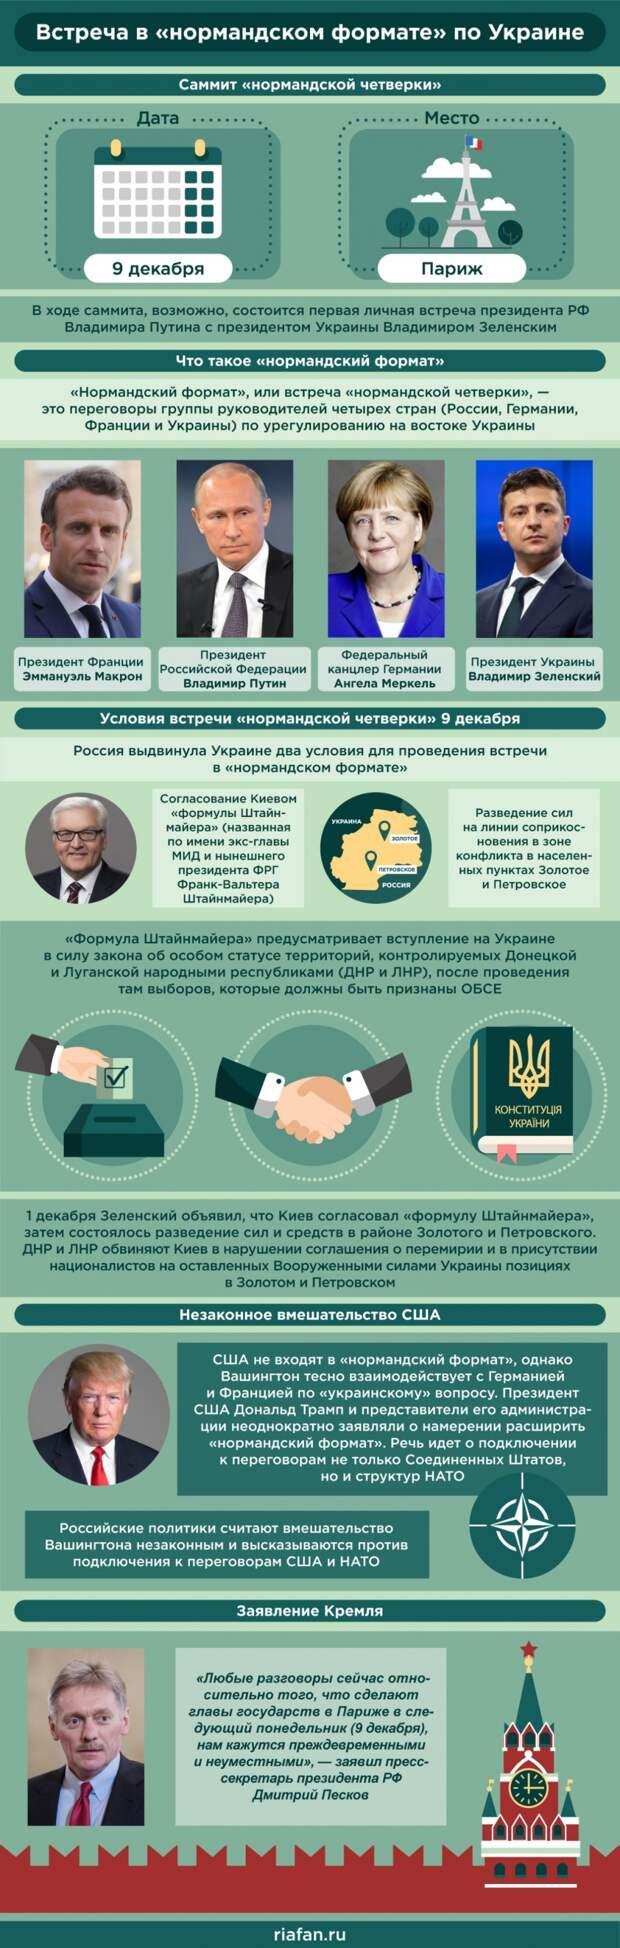 Встреча в «нормандском формате» 9 декабря: Путин настроен серьезно, а Зеленский на нервах